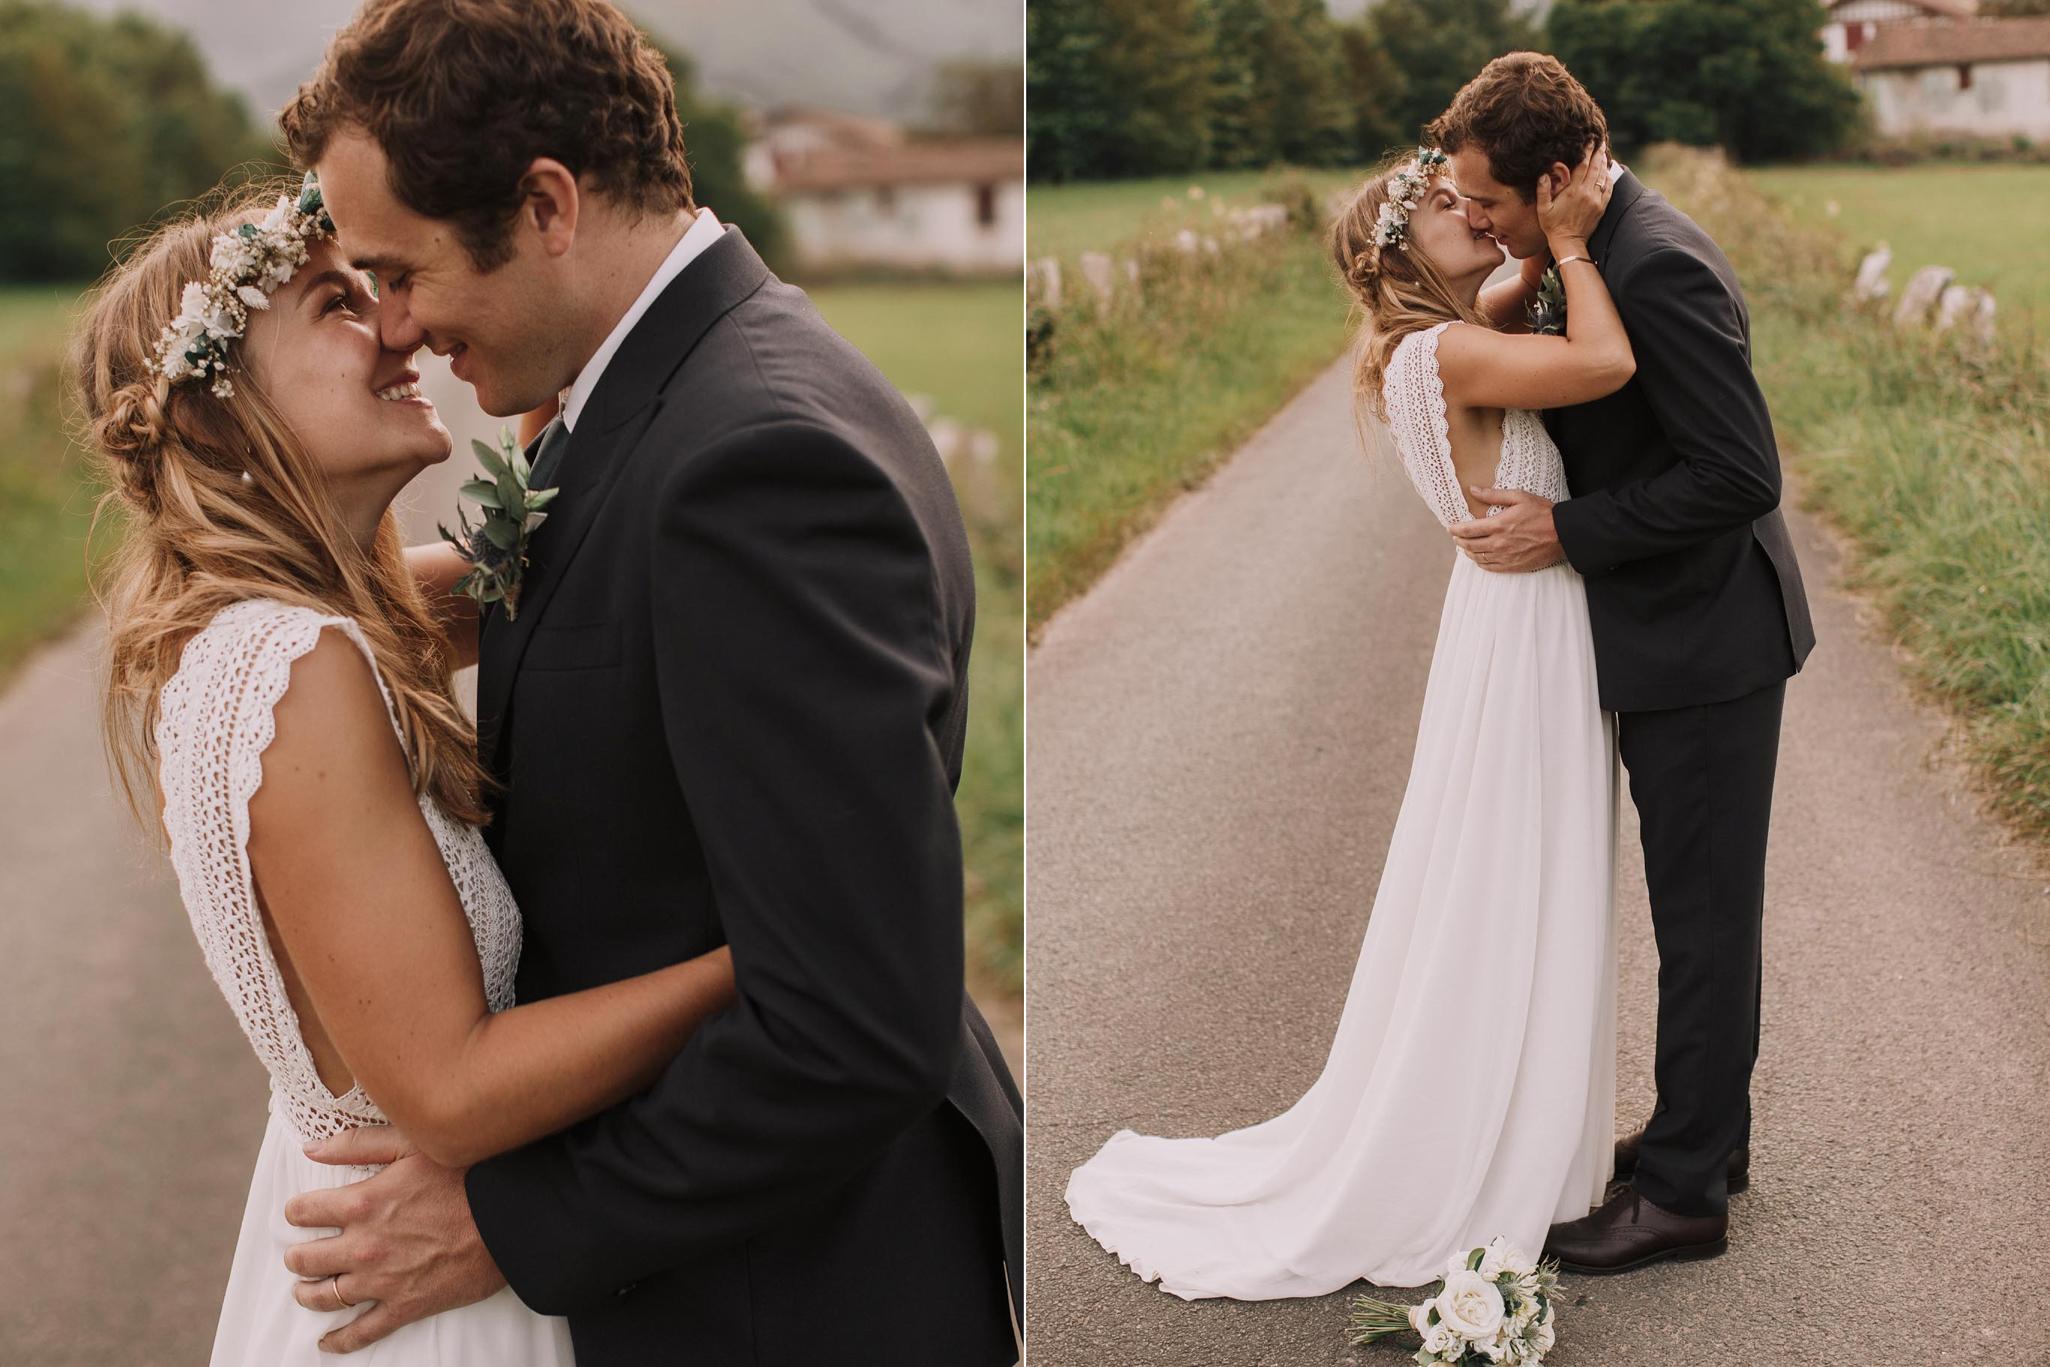 Photographe-mariage-bordeaux-jeremy-boyer-pays-basque-ihartze-artea-sare-robe-eleonore-pauc-couple-amour-122.jpg